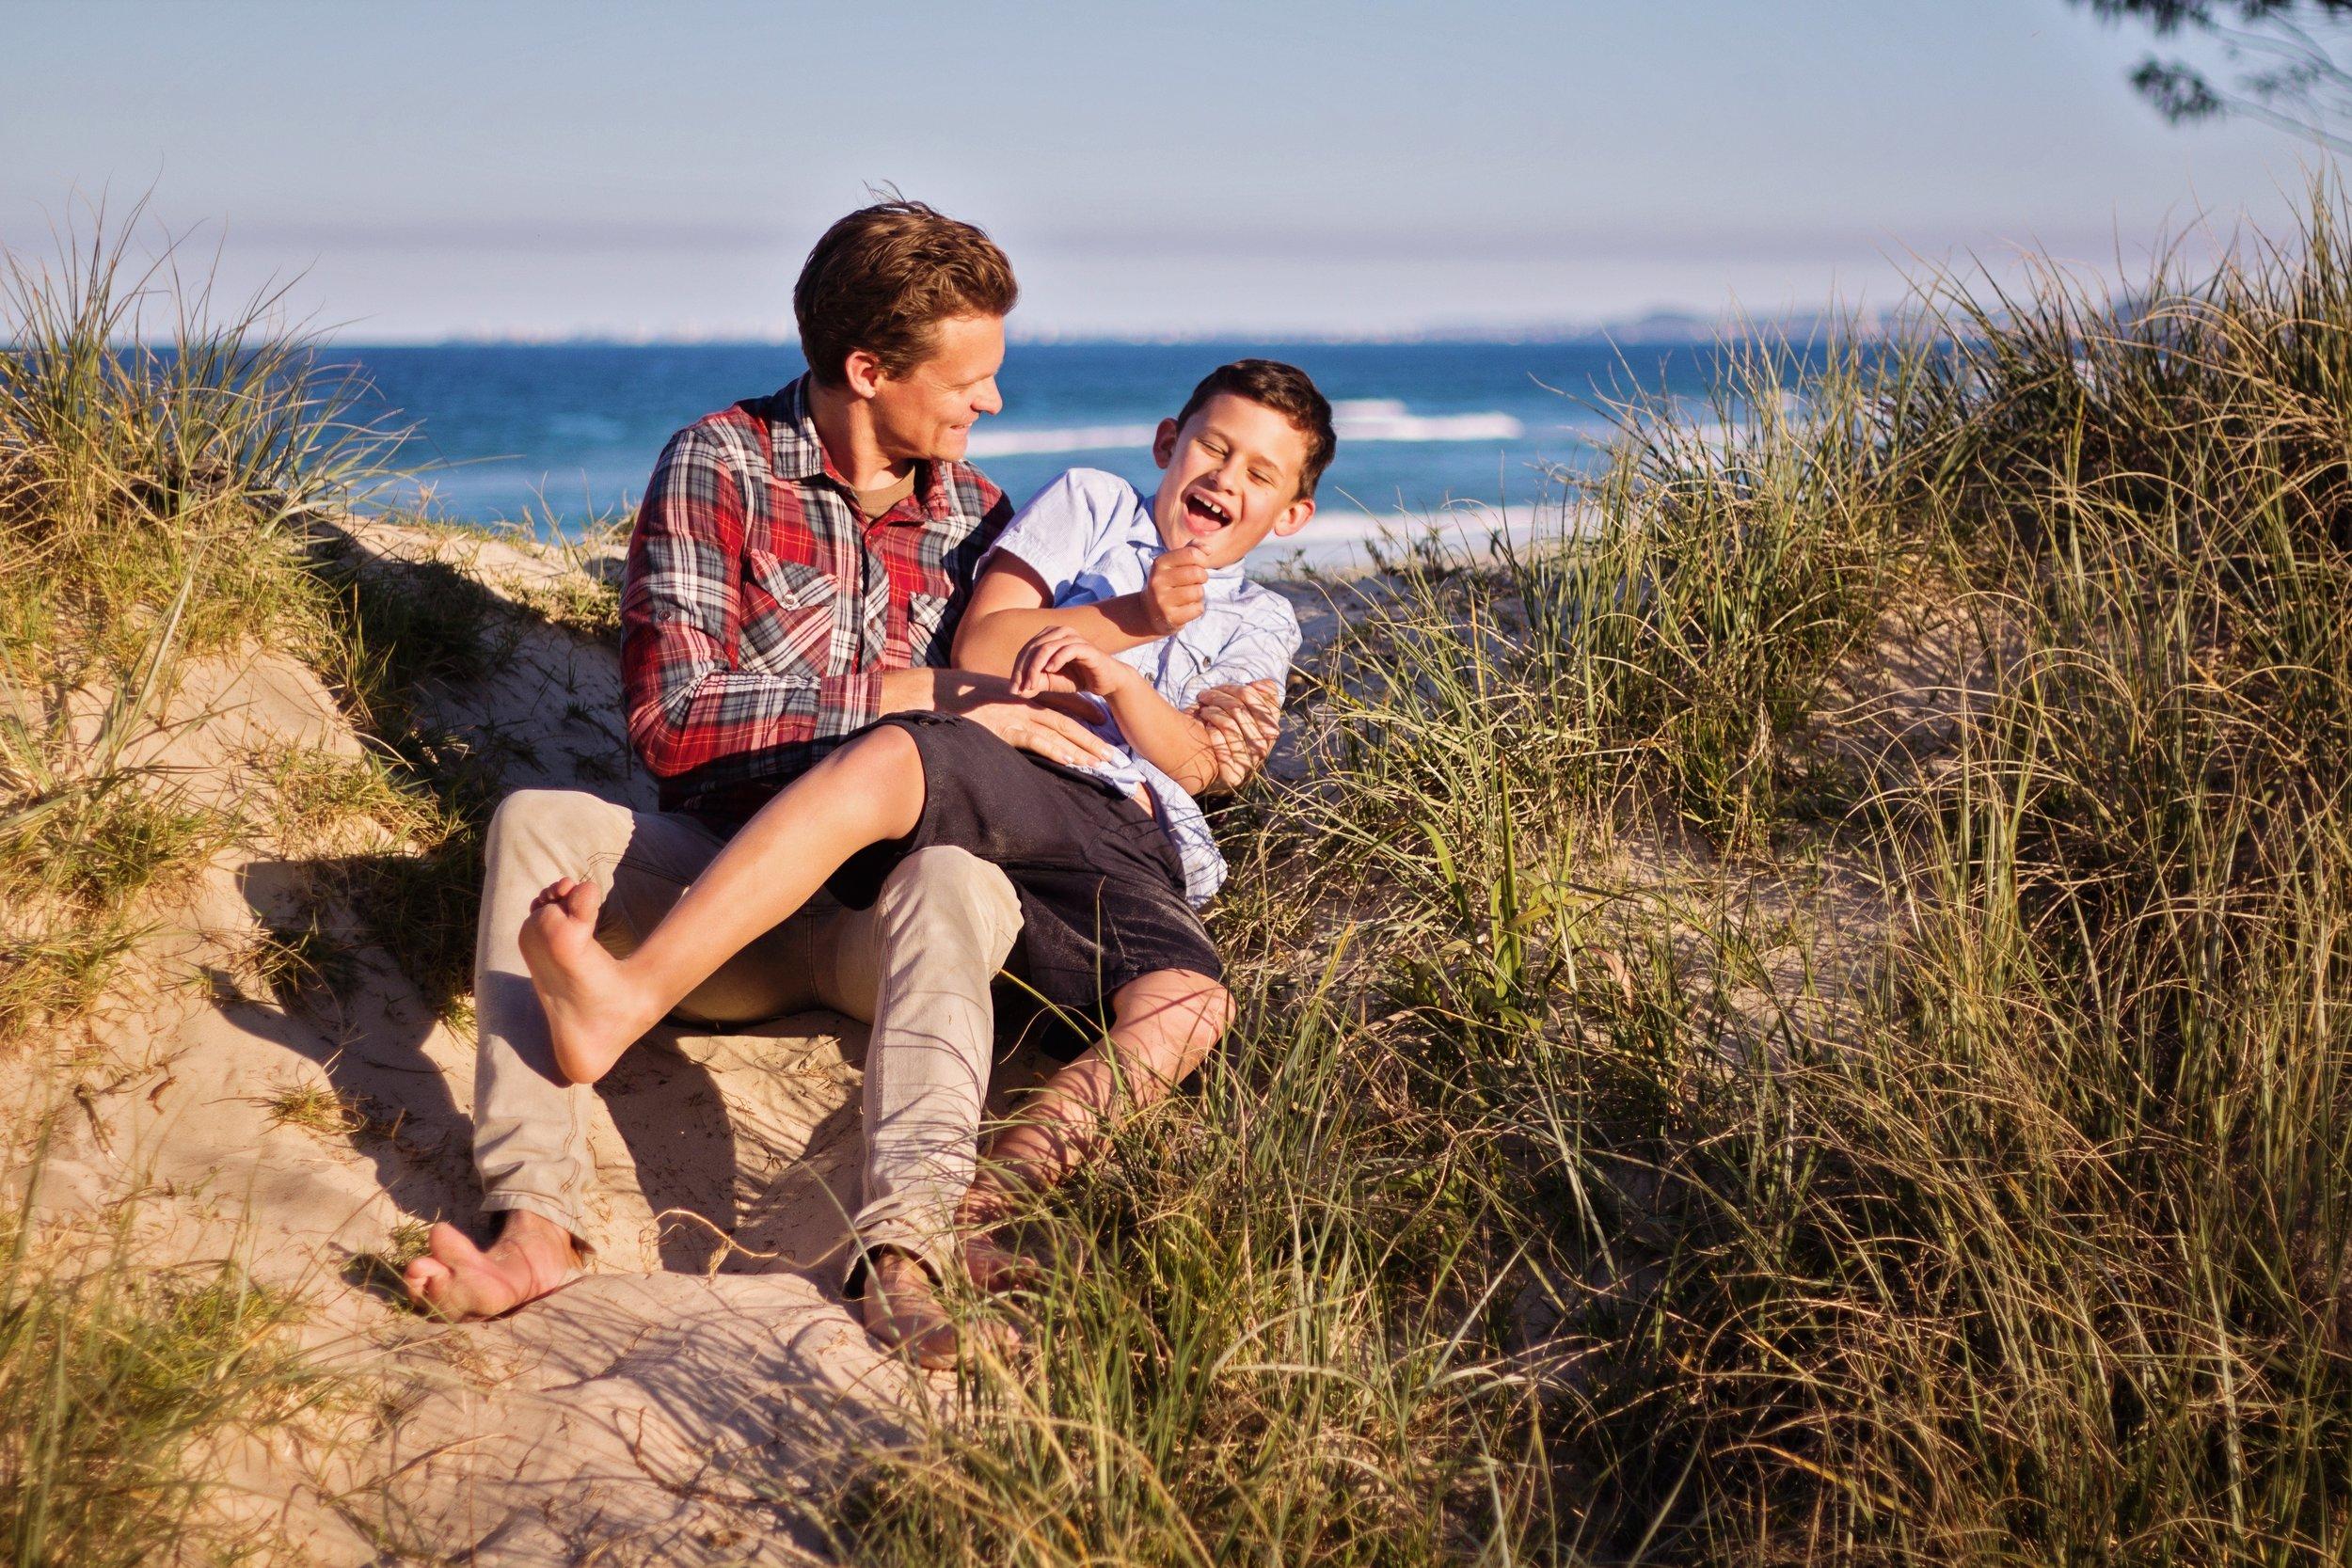 beach-boy-child-1161442.jpg